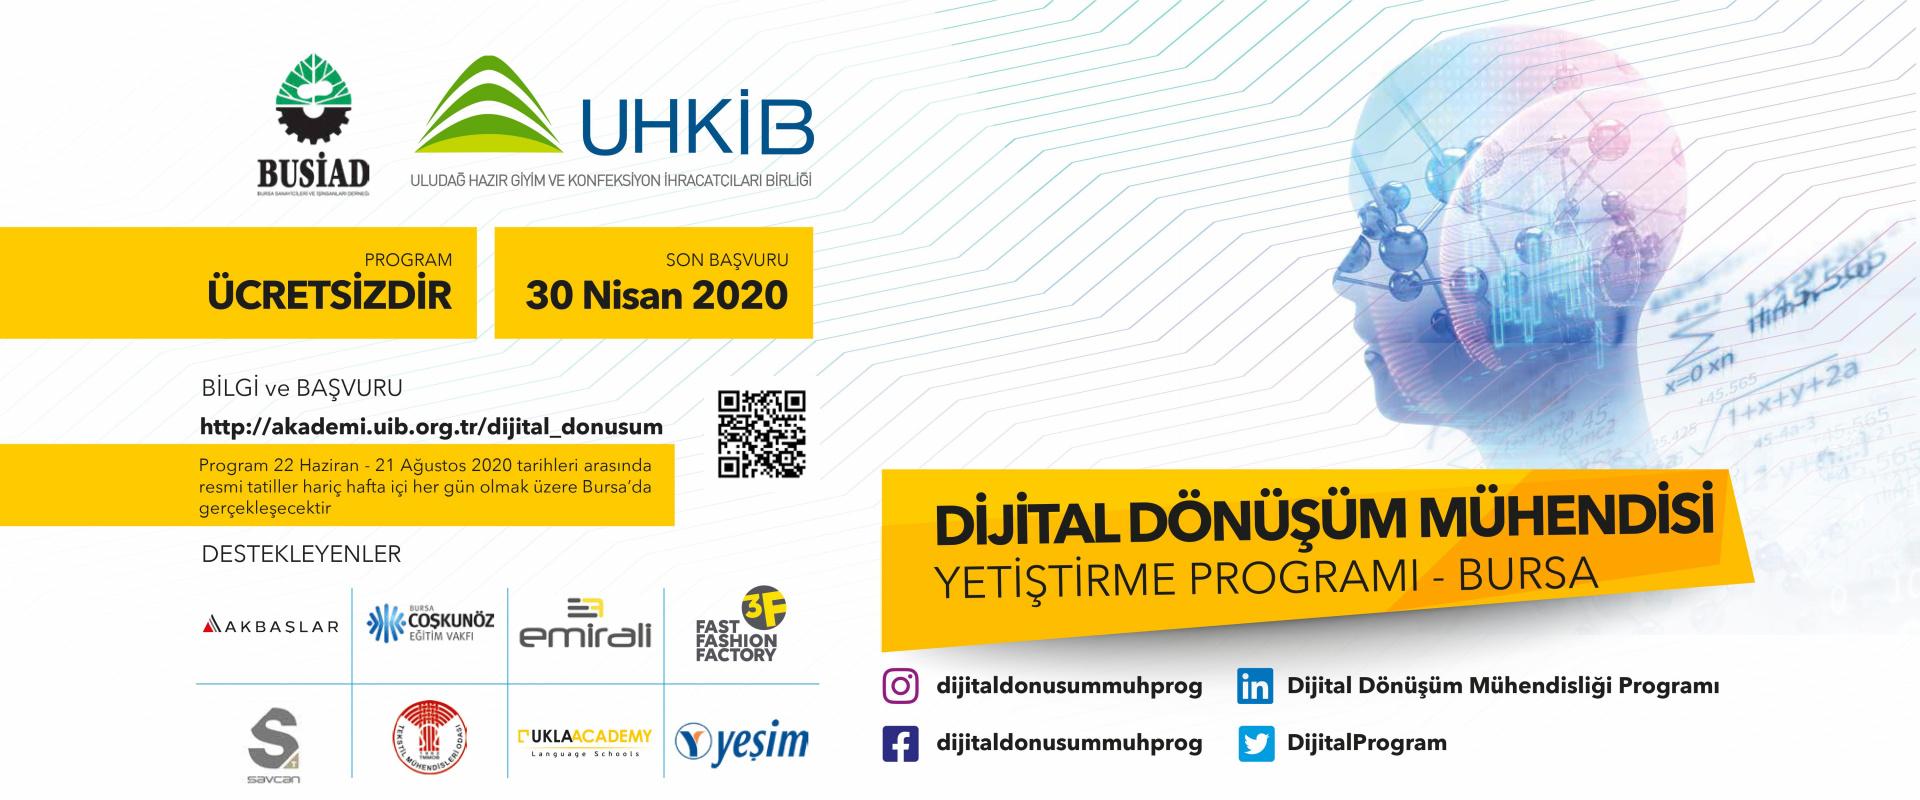 Dijital Dönüşüm Mühendisi Yetiştirme Programı